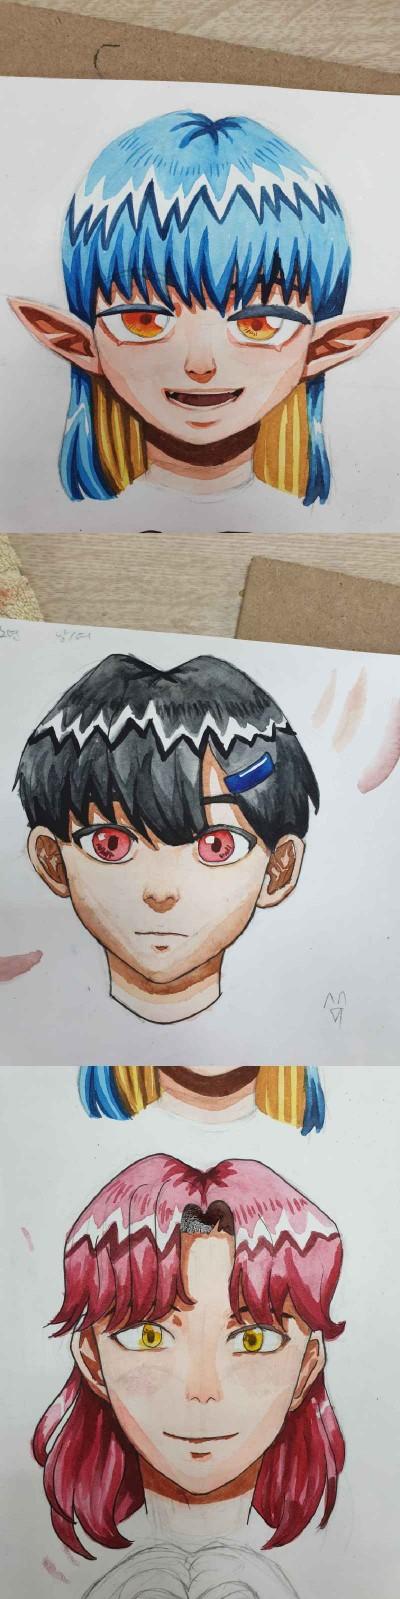 배고파 | choeun1 | Digital Drawing | PENUP